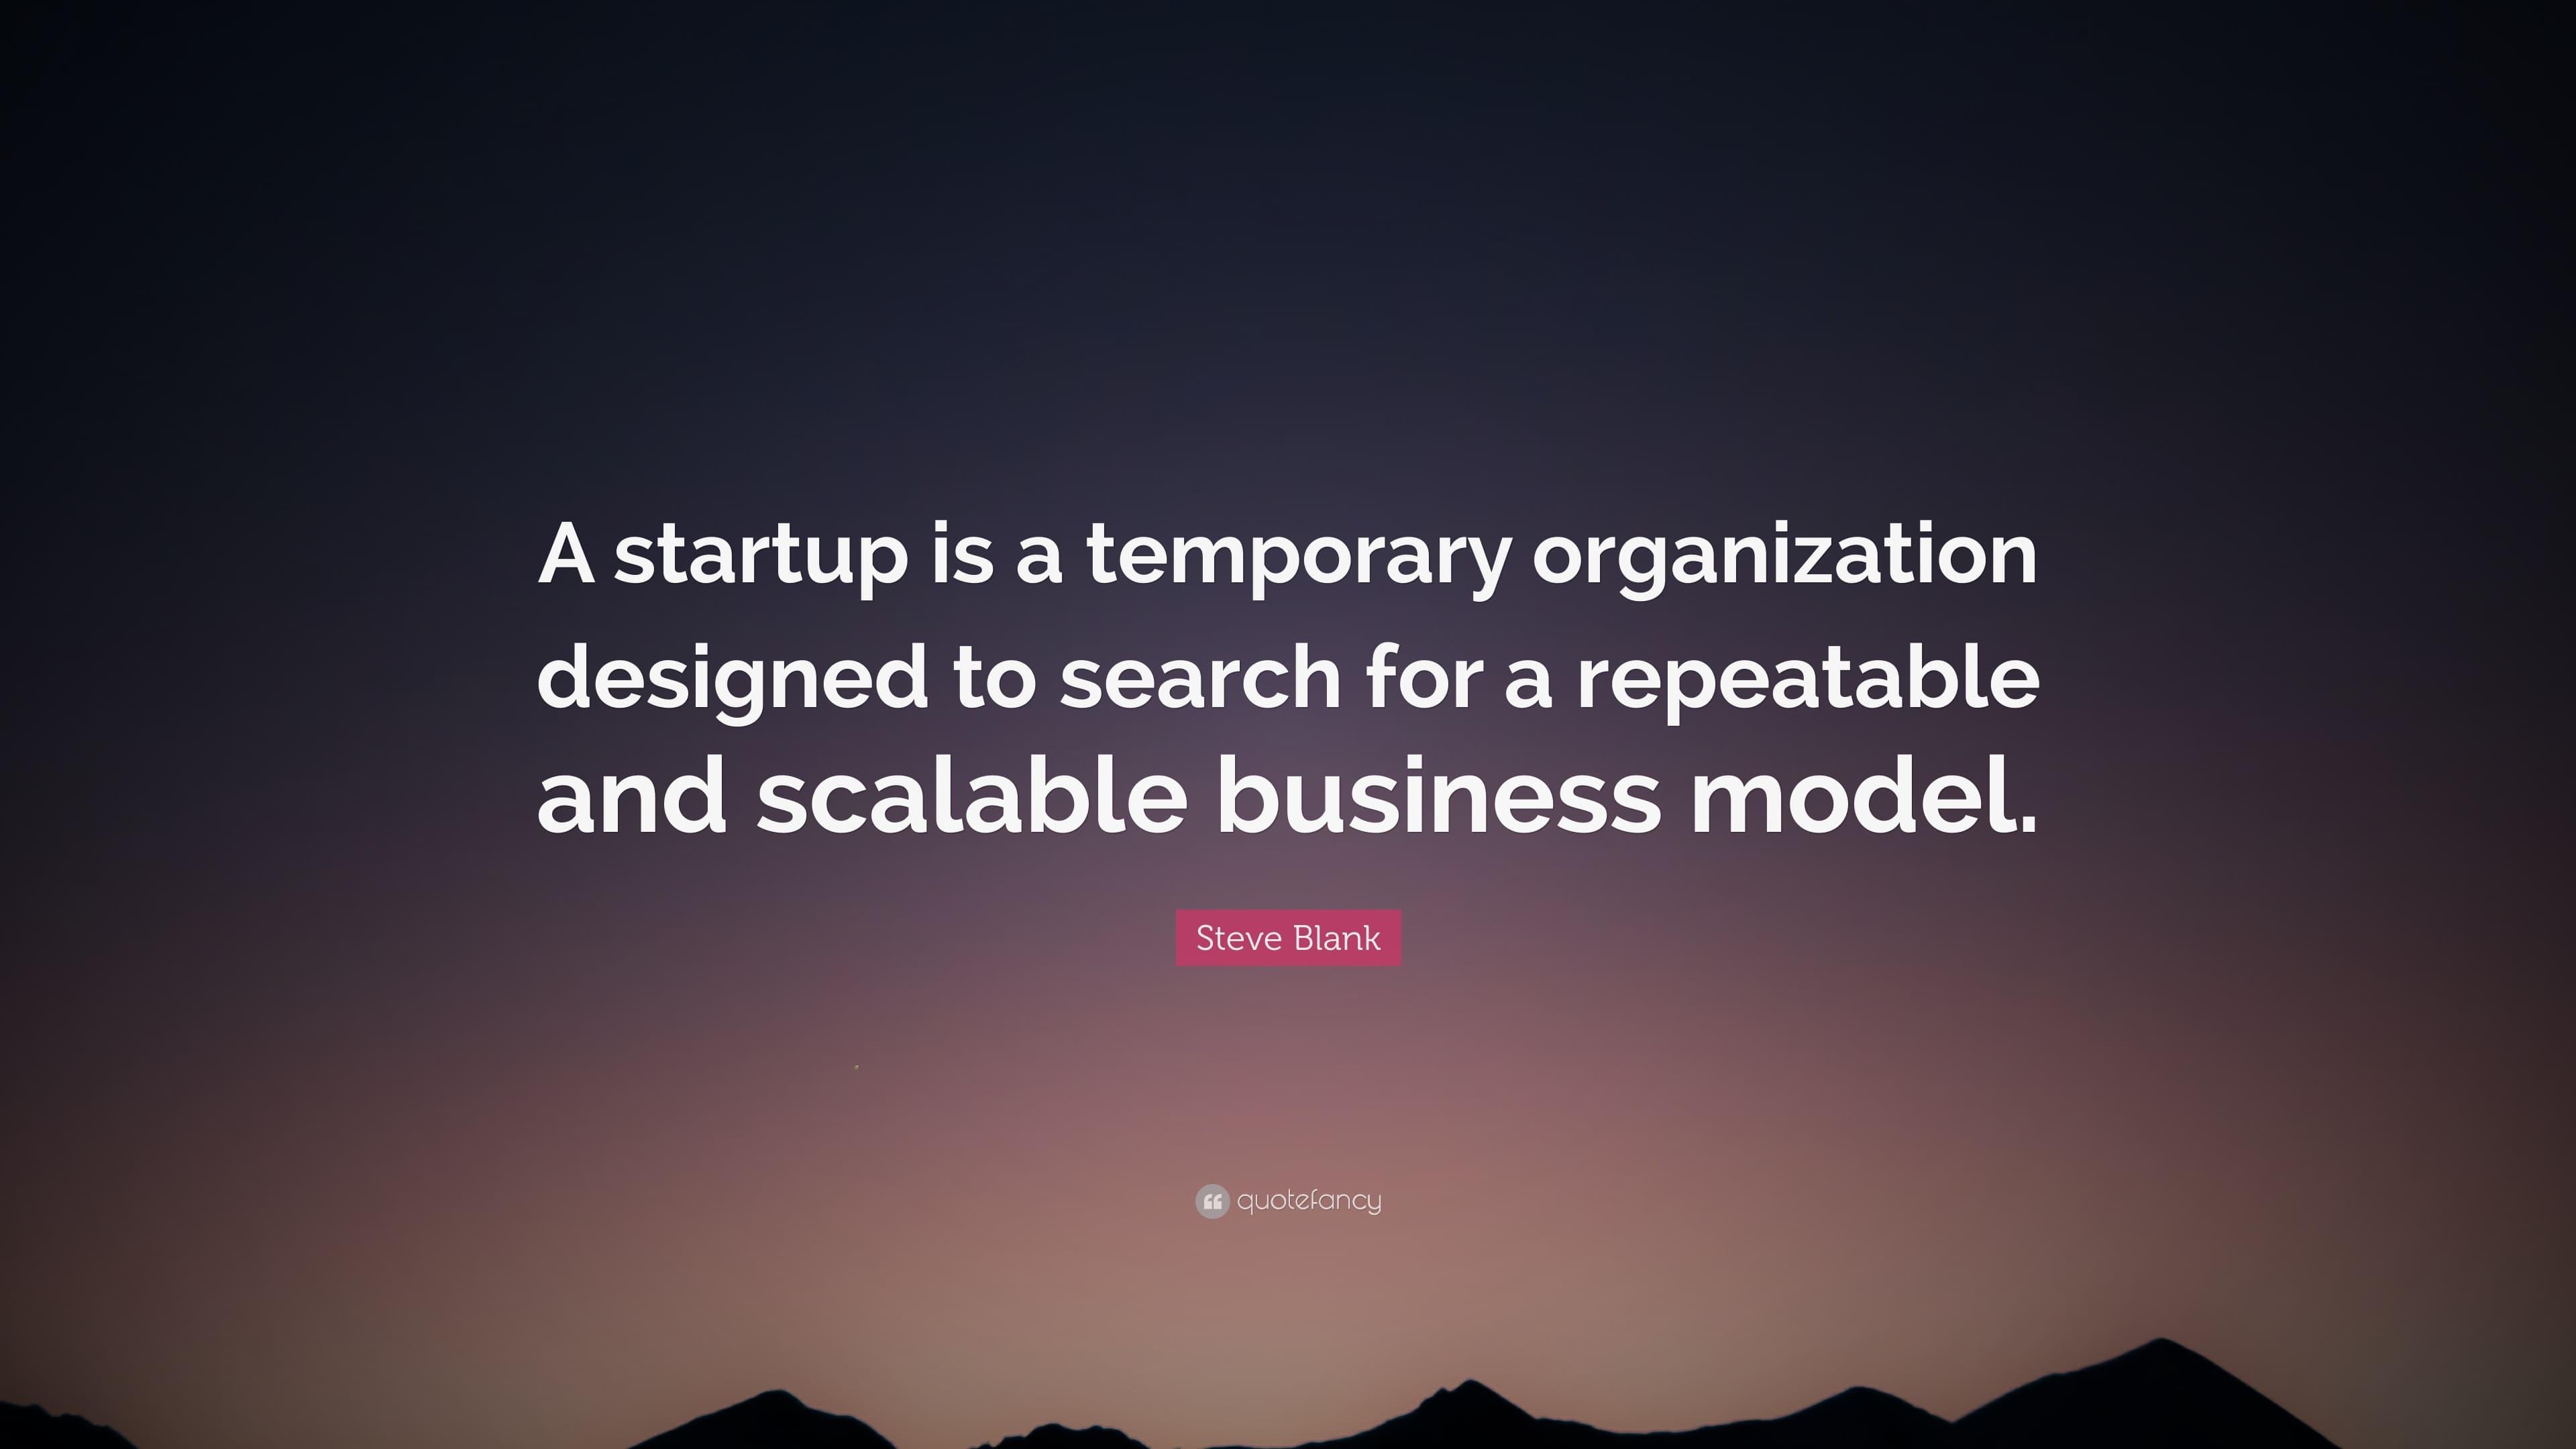 Startup jest tymczasową organizacją wyznaczoną do poszukiwania modelu biznesowego